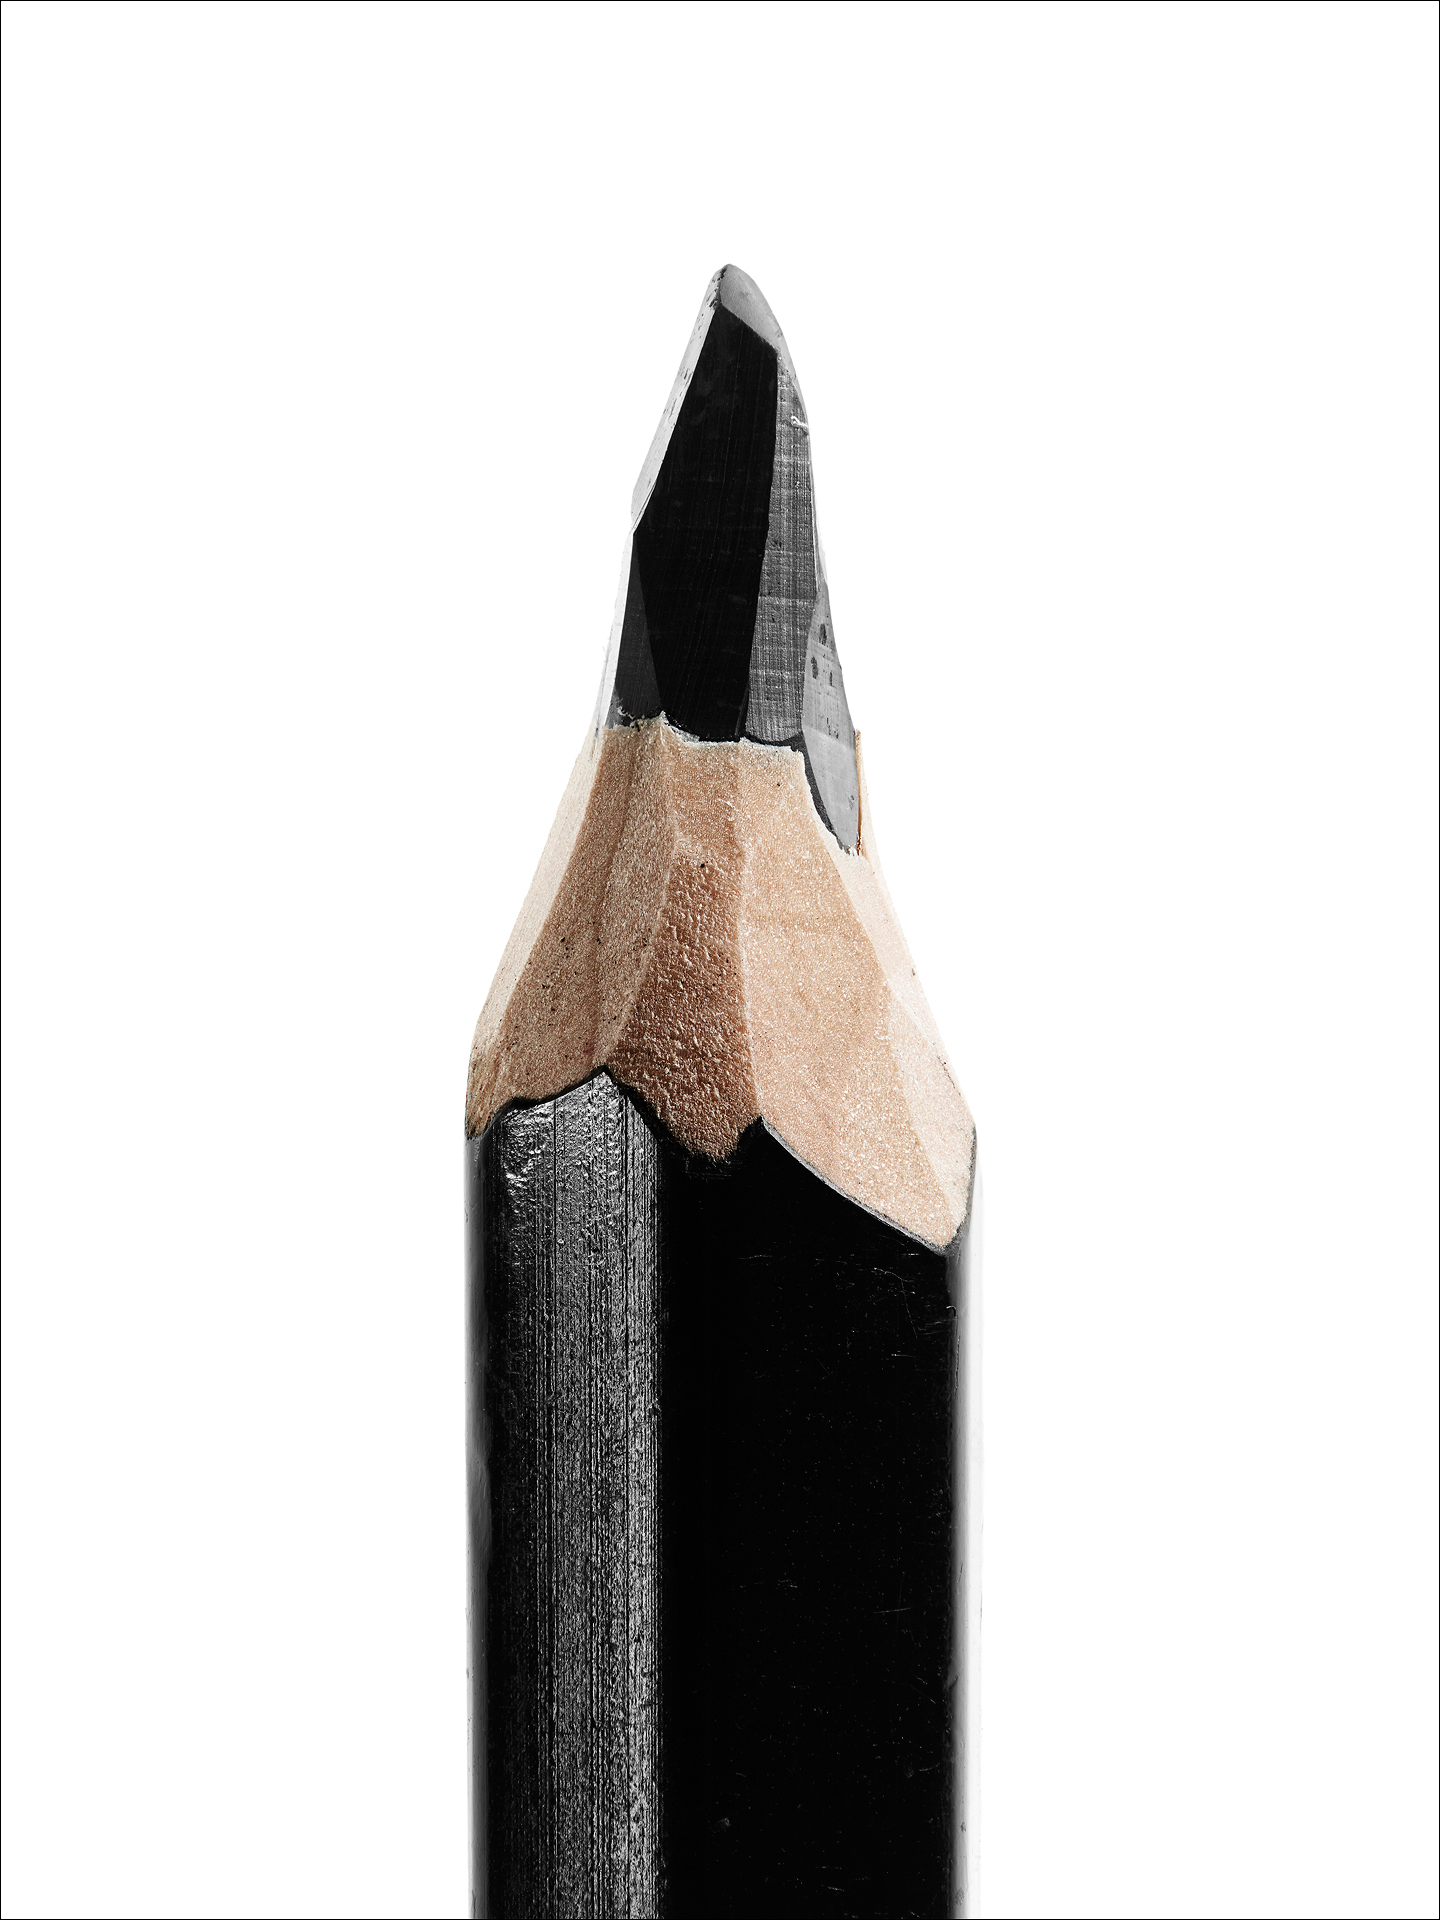 la matita di Posy Simmonds (dettaglio)